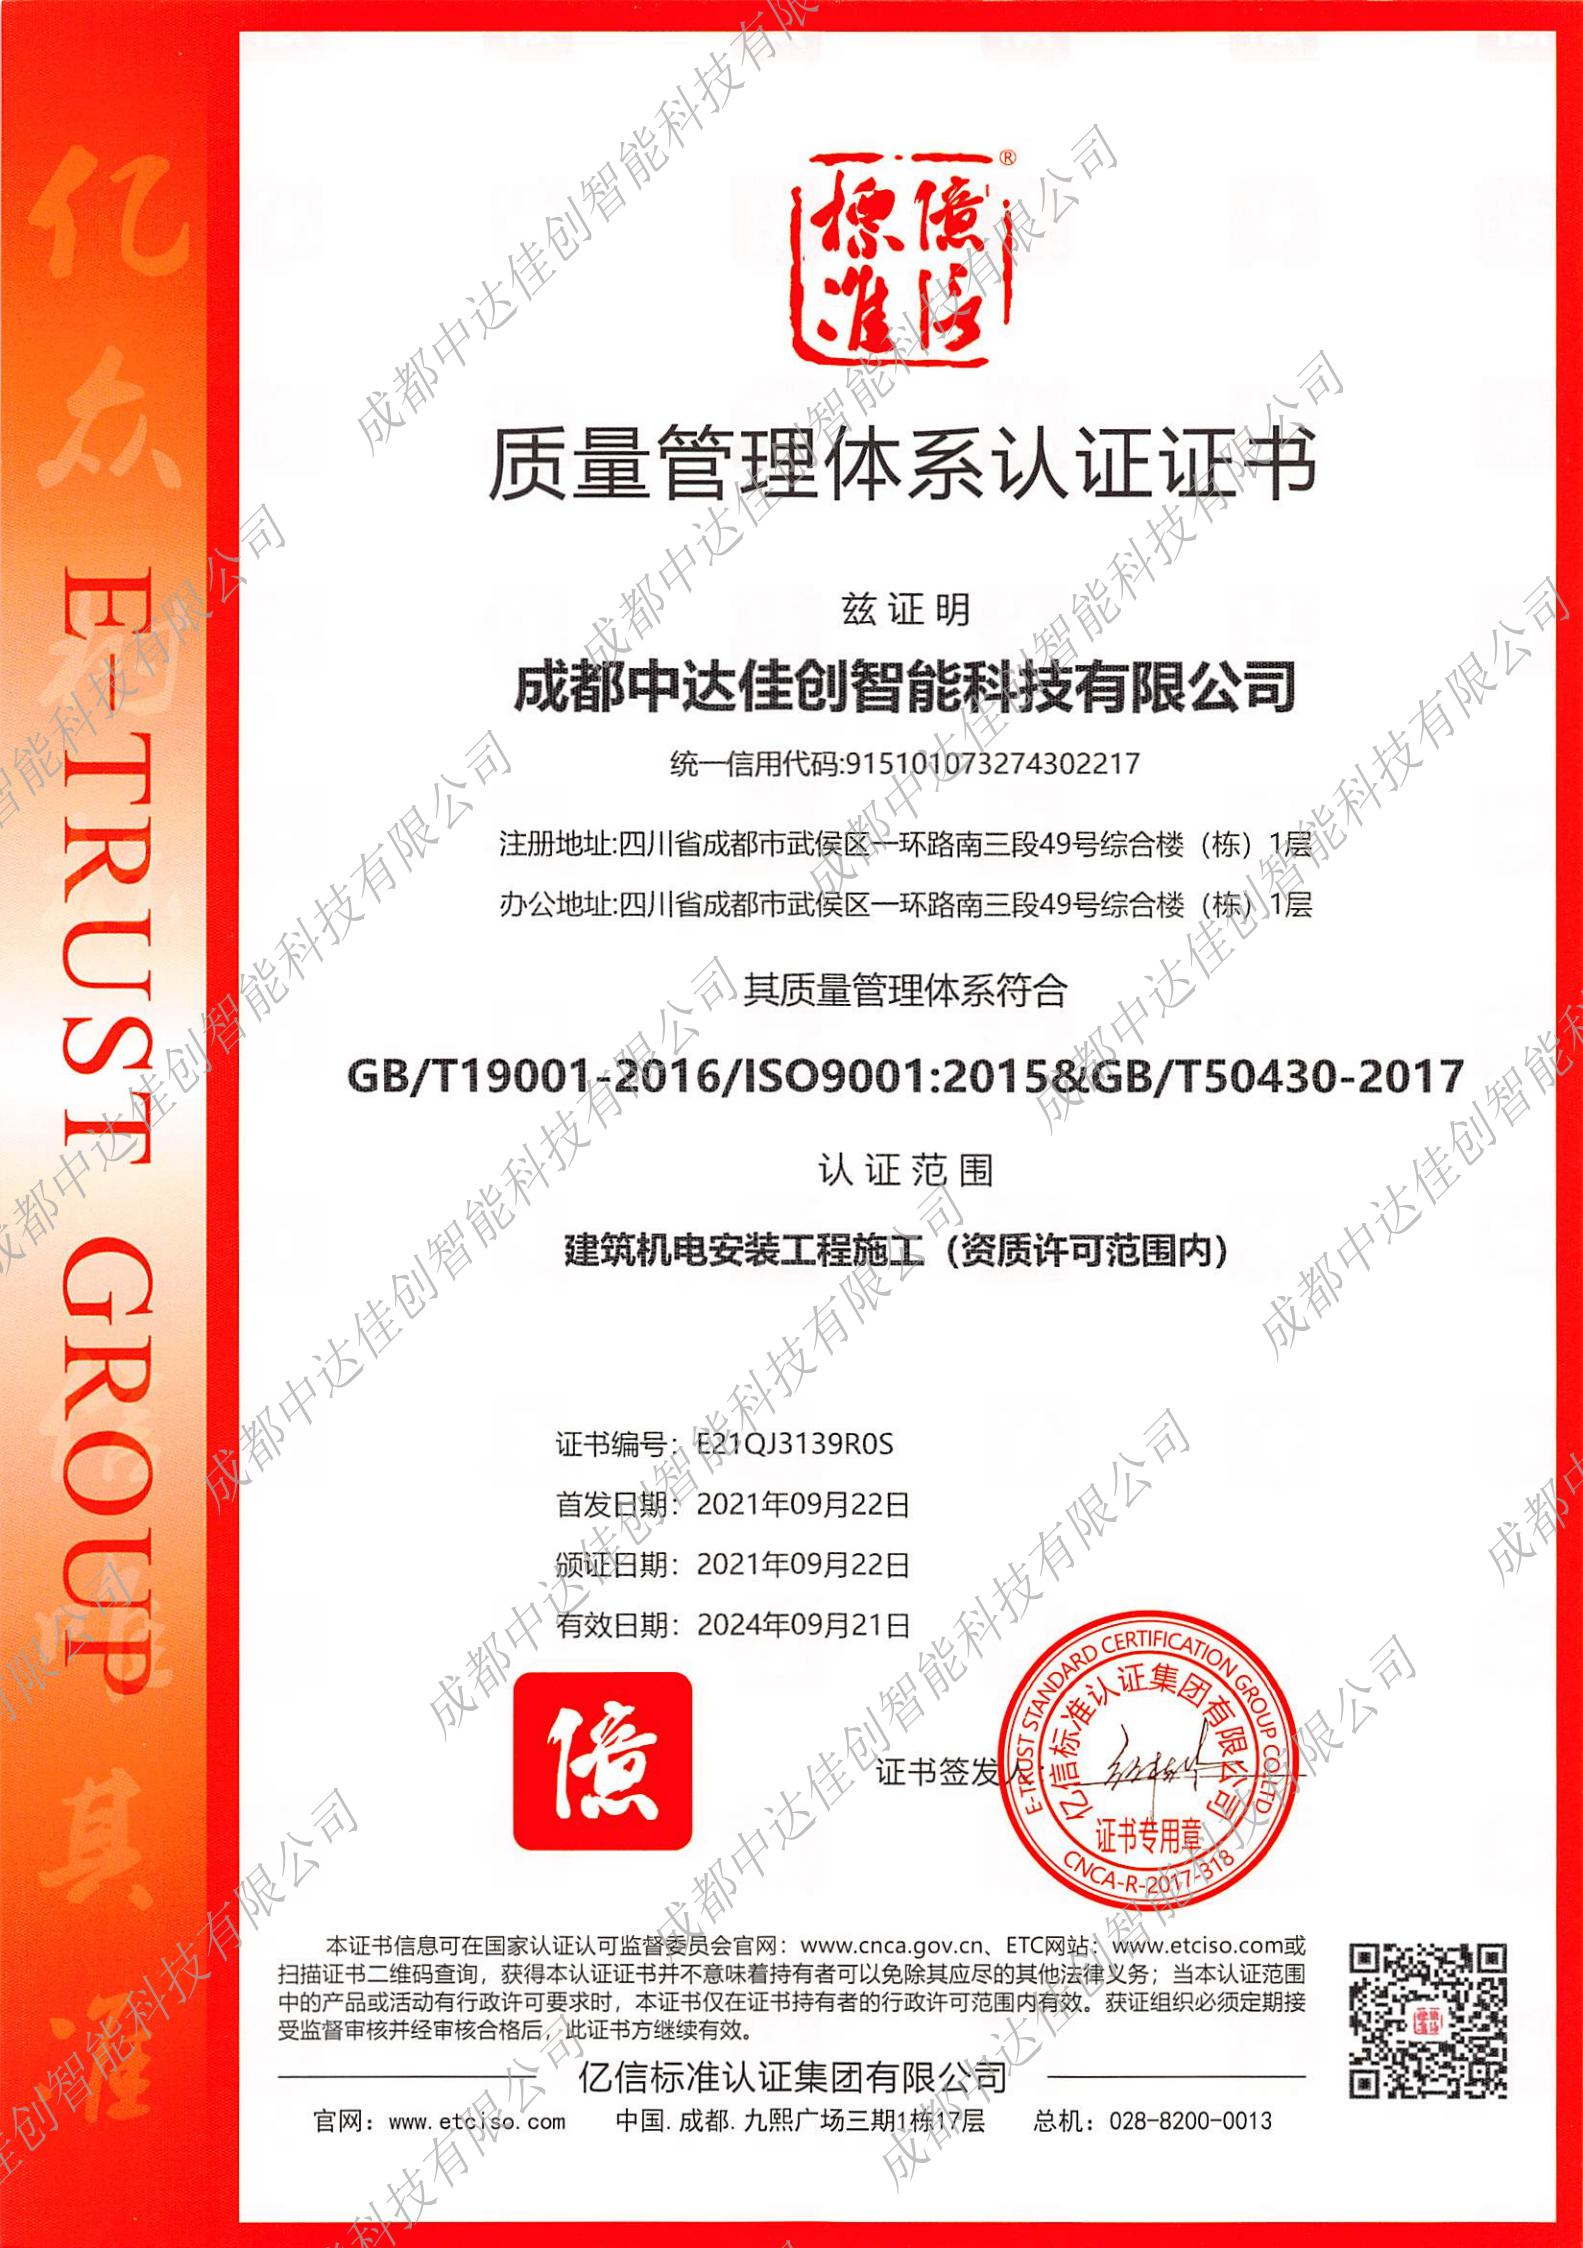 公司于2021年9月取得三大认证体系